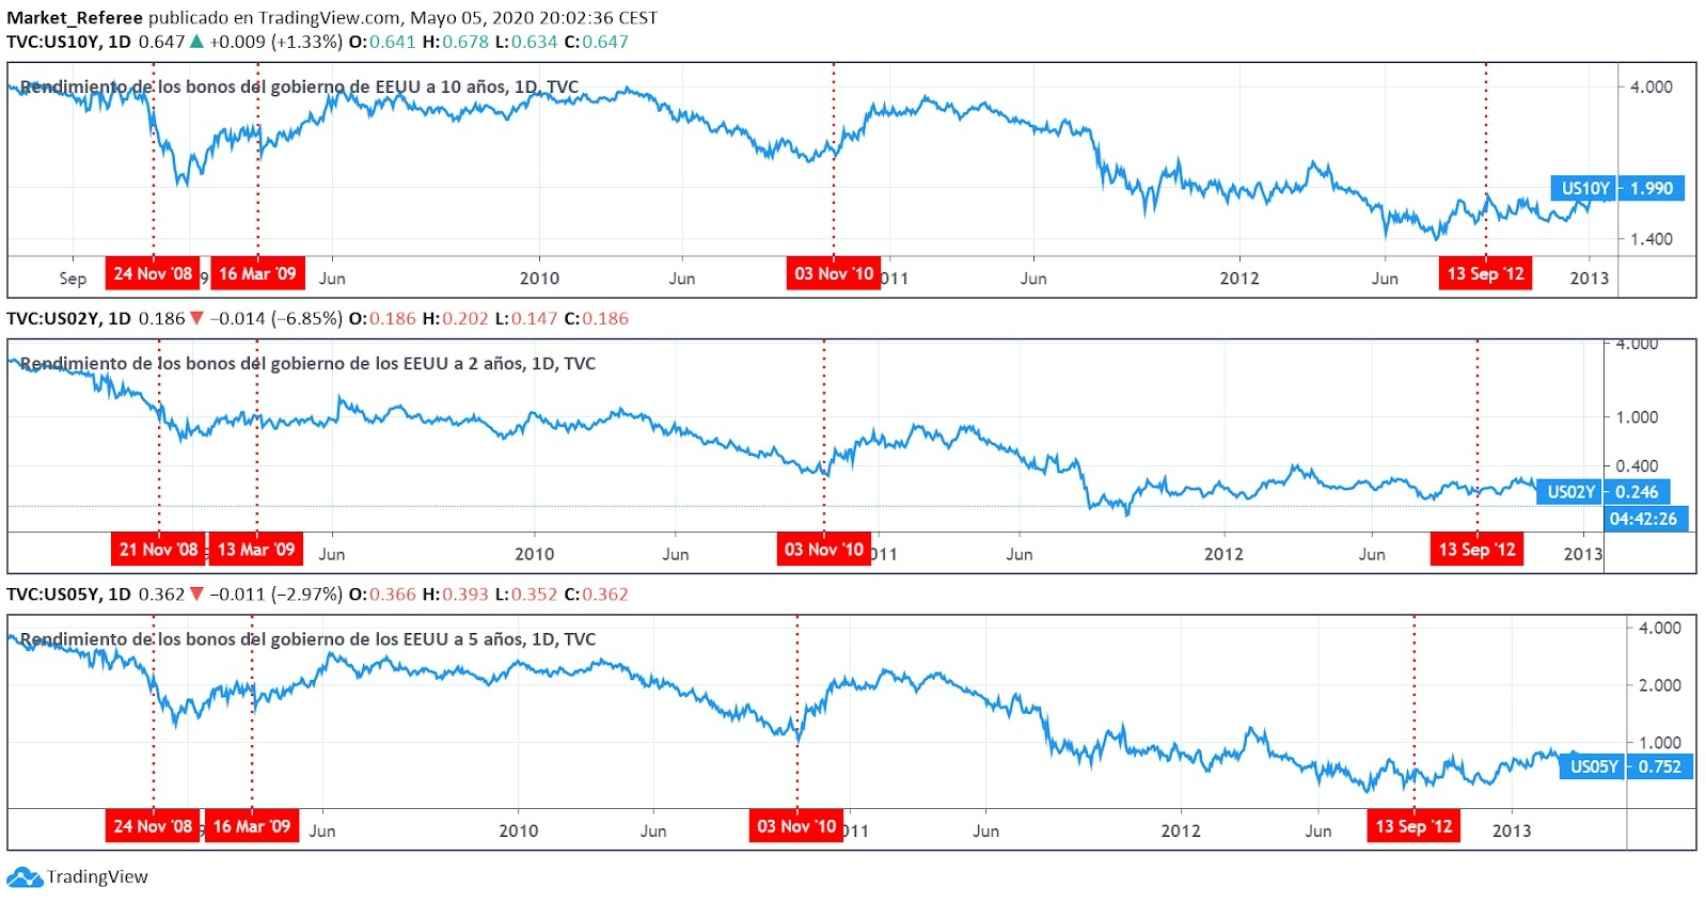 Comparativa en la evolución de distintos bonos de EEUU.